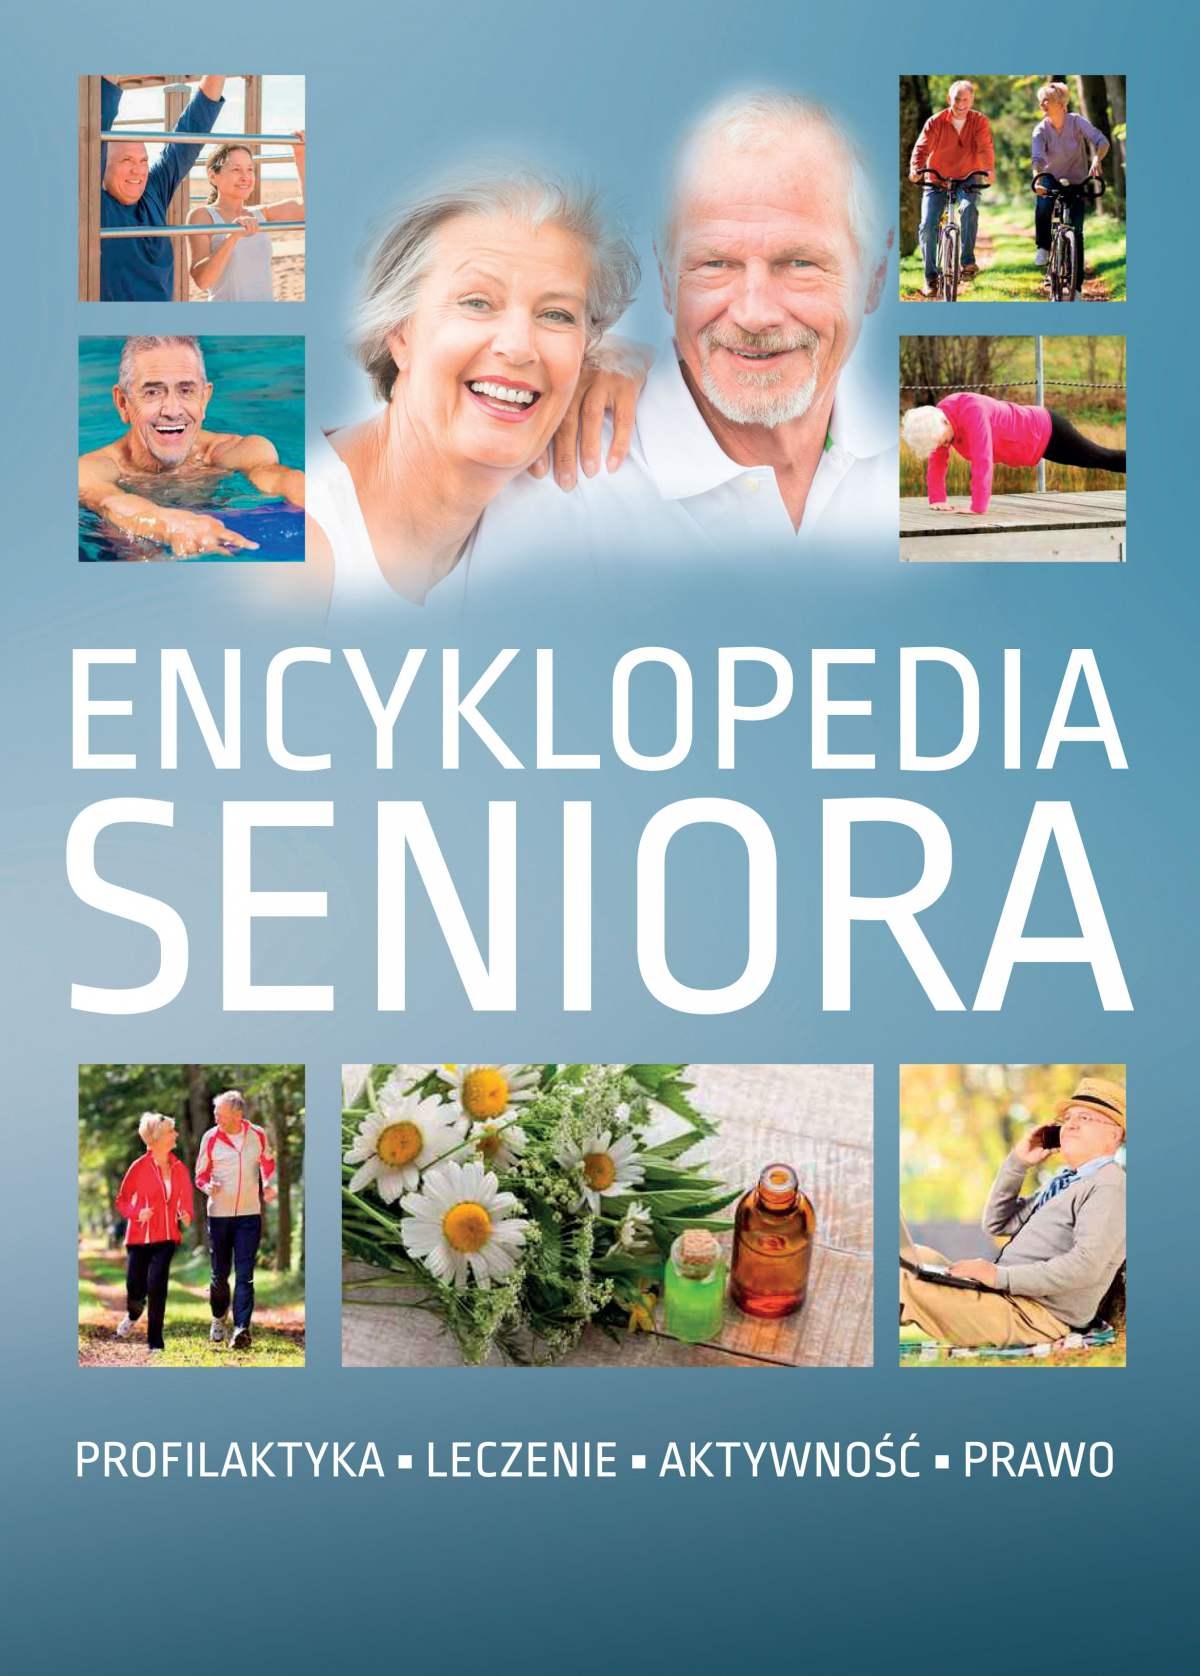 Encyklopedia seniora. Profilaktyka, leczenie, aktywność, prawo - Ebook (Książka PDF) do pobrania w formacie PDF